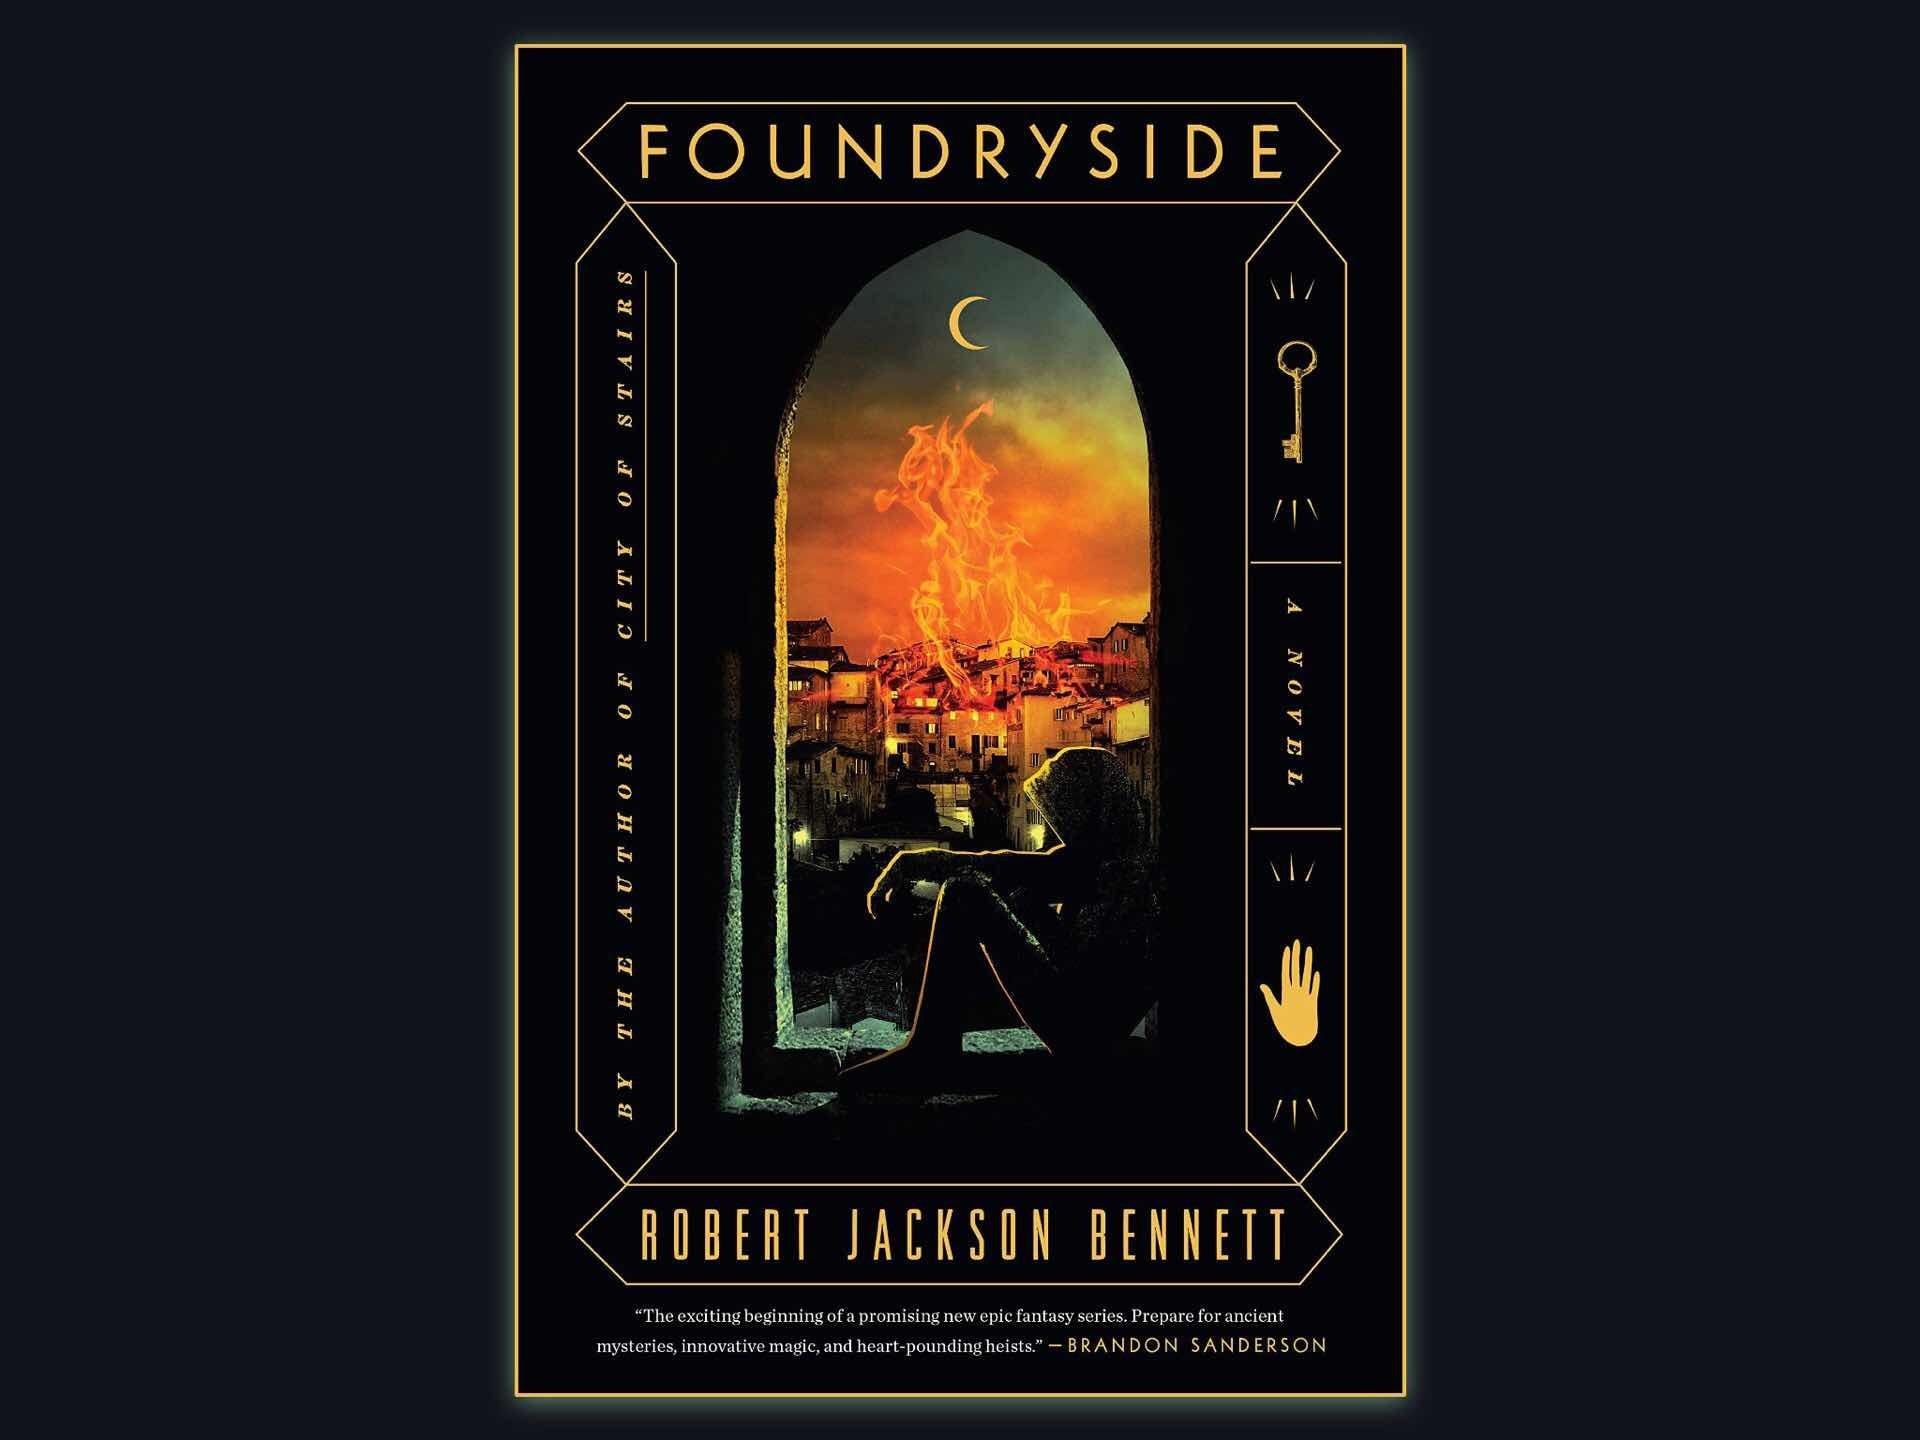 Foundryside by Robert Jackson Bennett. ($20 hardcover, $16 paperback)